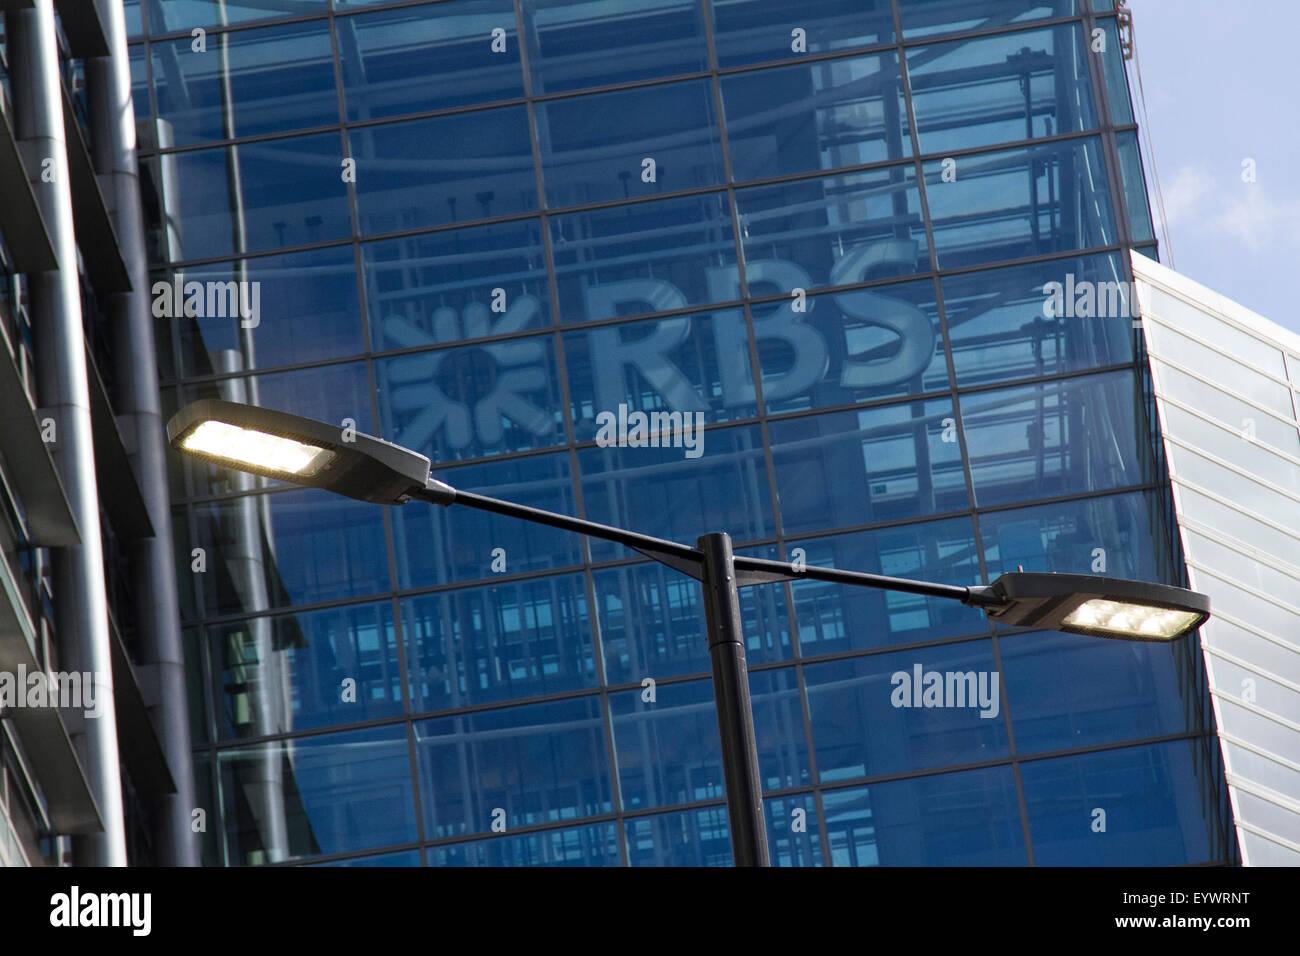 London Critics Stock Photos & London Critics Stock Images - Alamy